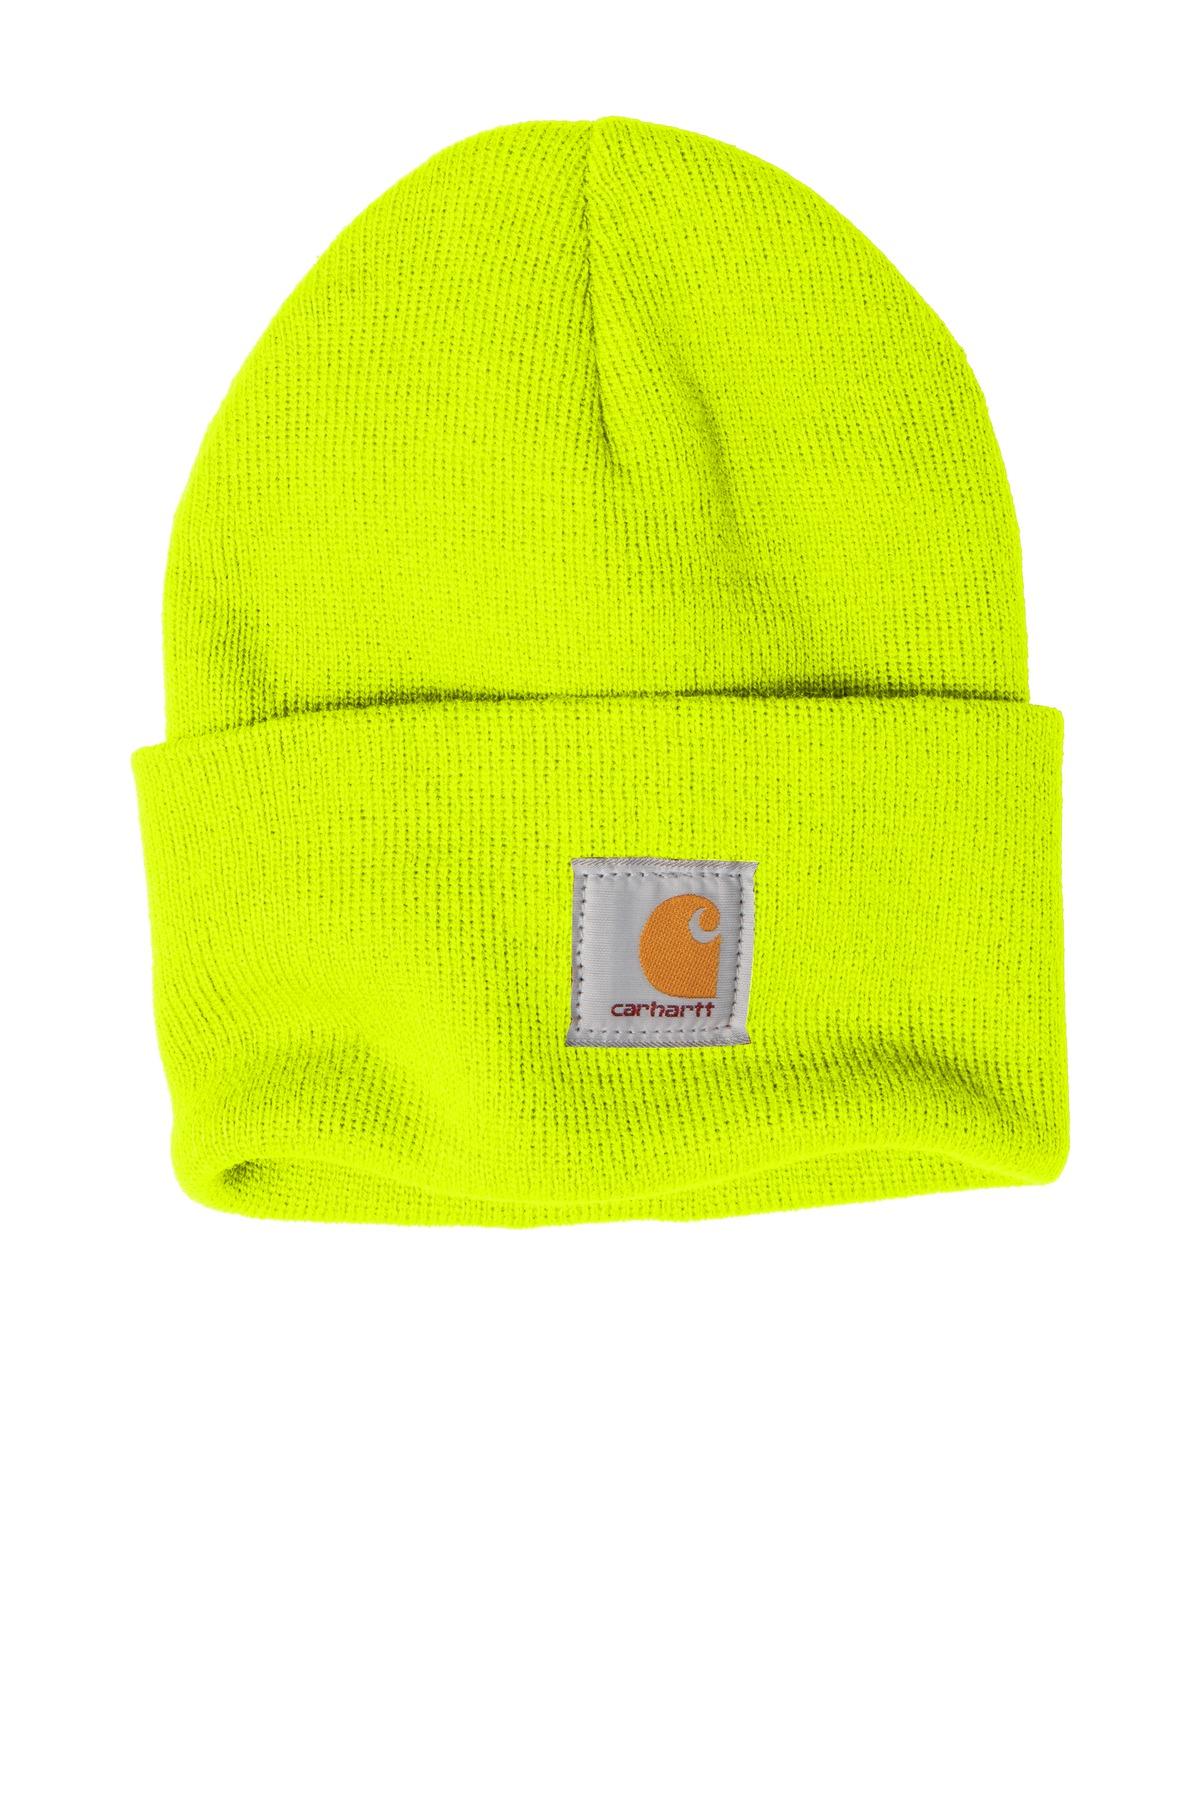 47f92bcc6f8cf Carhartt ® Acrylic Watch Hat. CTA18